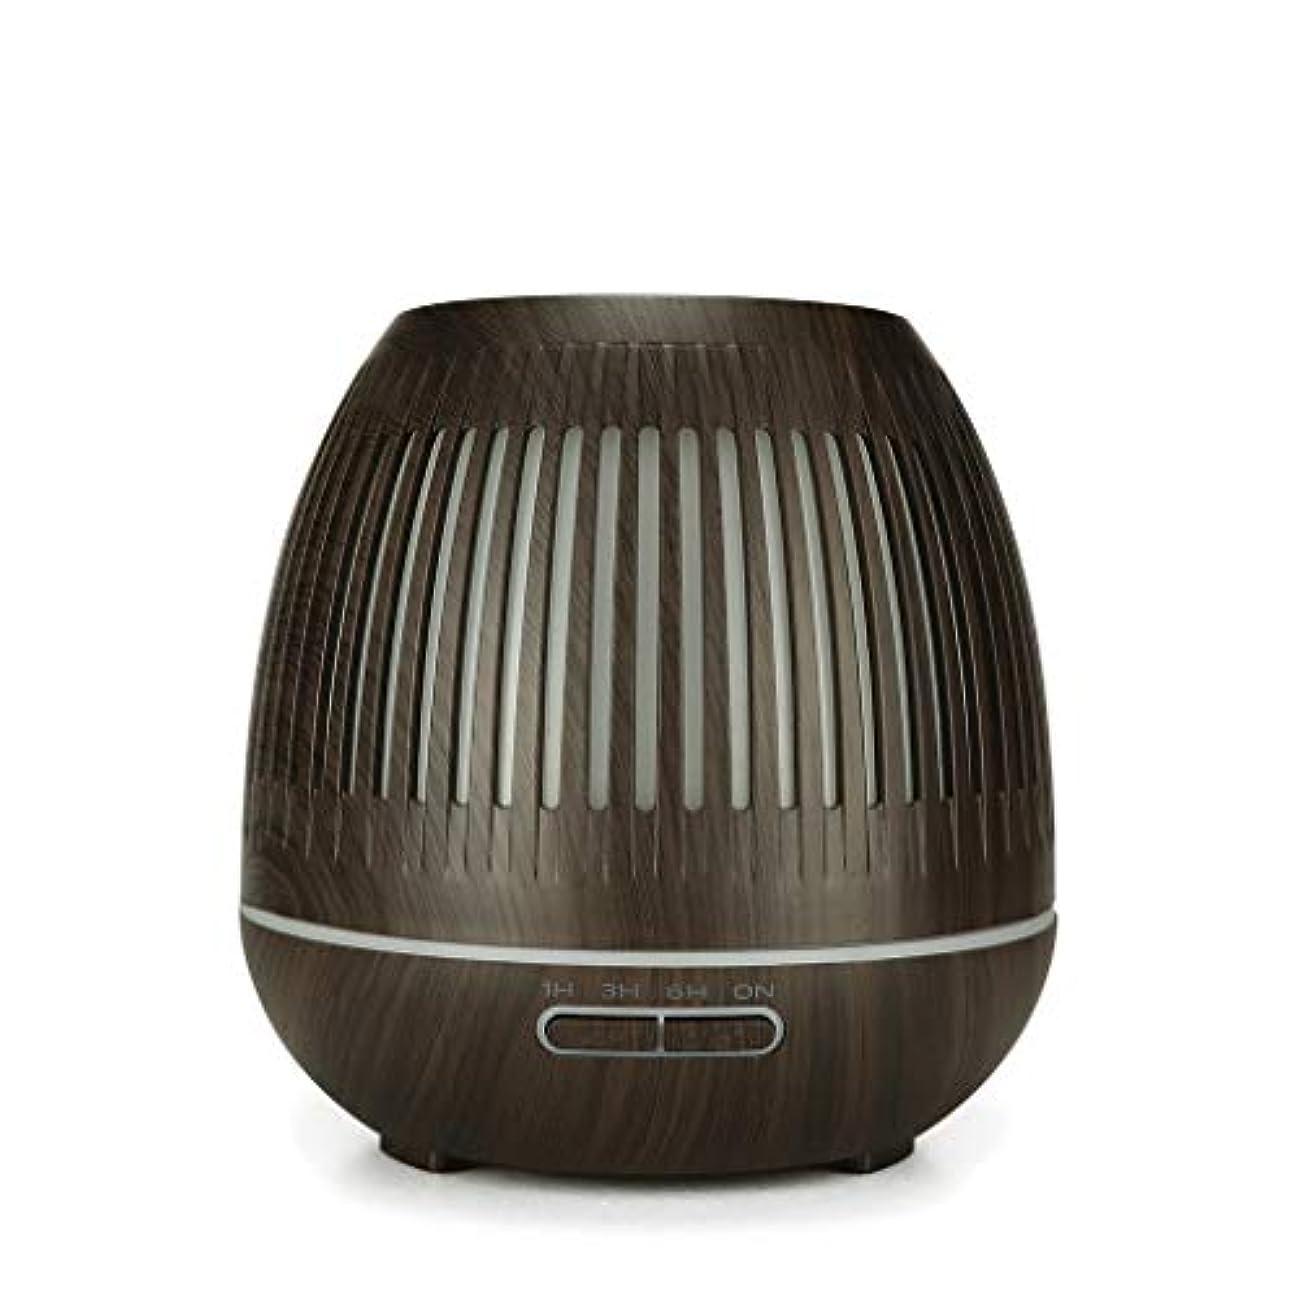 アサー入口ブロンズ400ミリリットル超音波クールミスト加湿器付きカラーledライト用ホームヨガオフィススパ寝室ベビールーム - ウッドグレインディフューザー (Color : Dark wood grain)